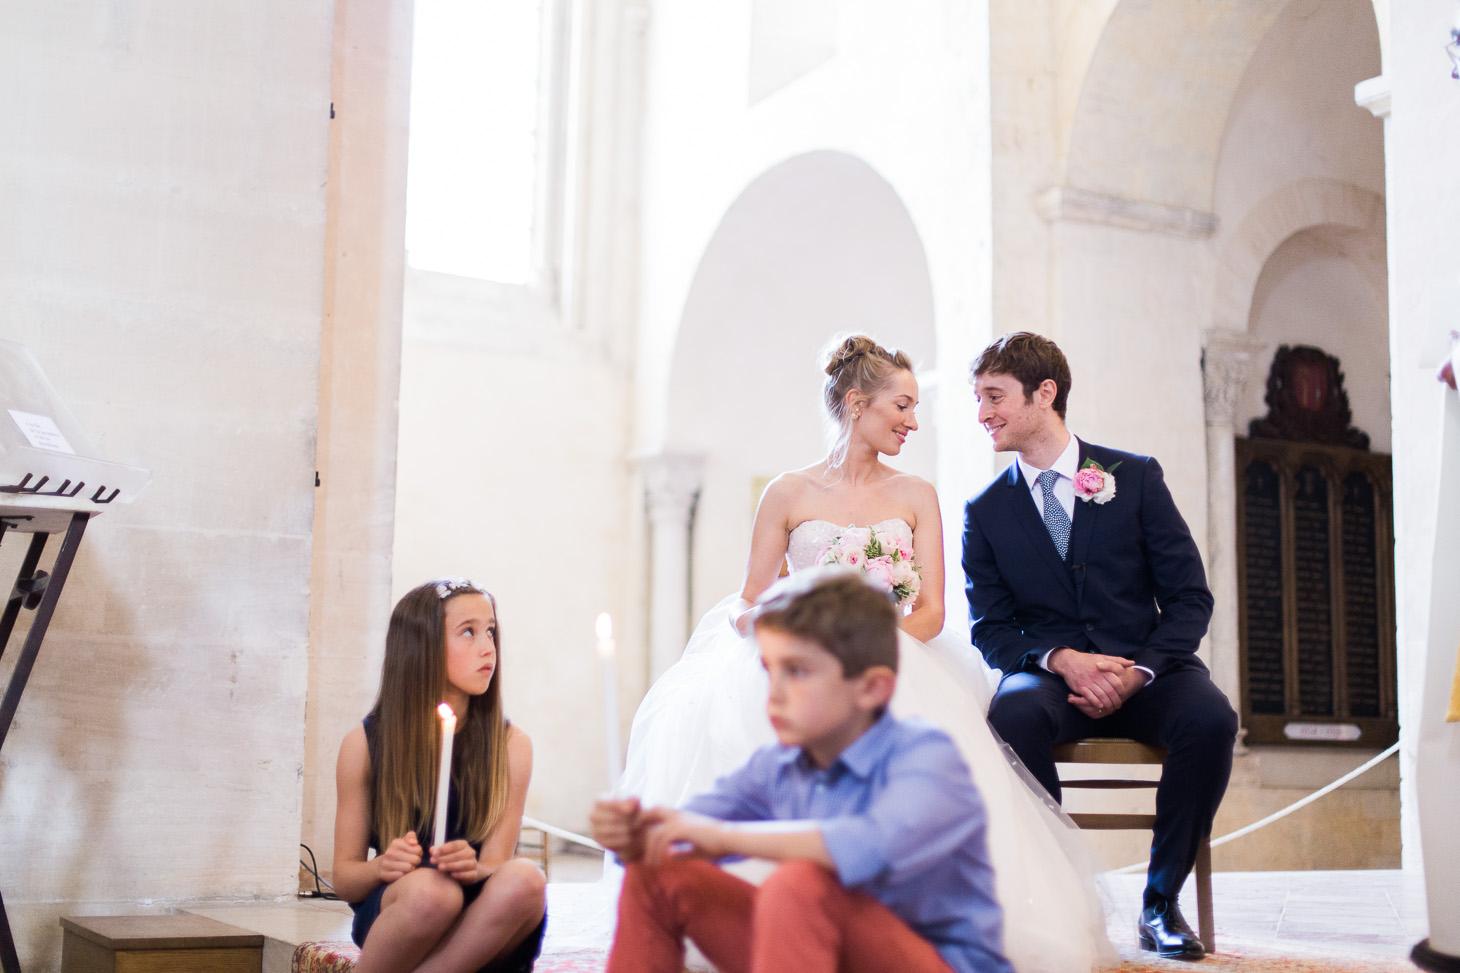 bourgogne_wedding_photographer_chateau_pommard-027